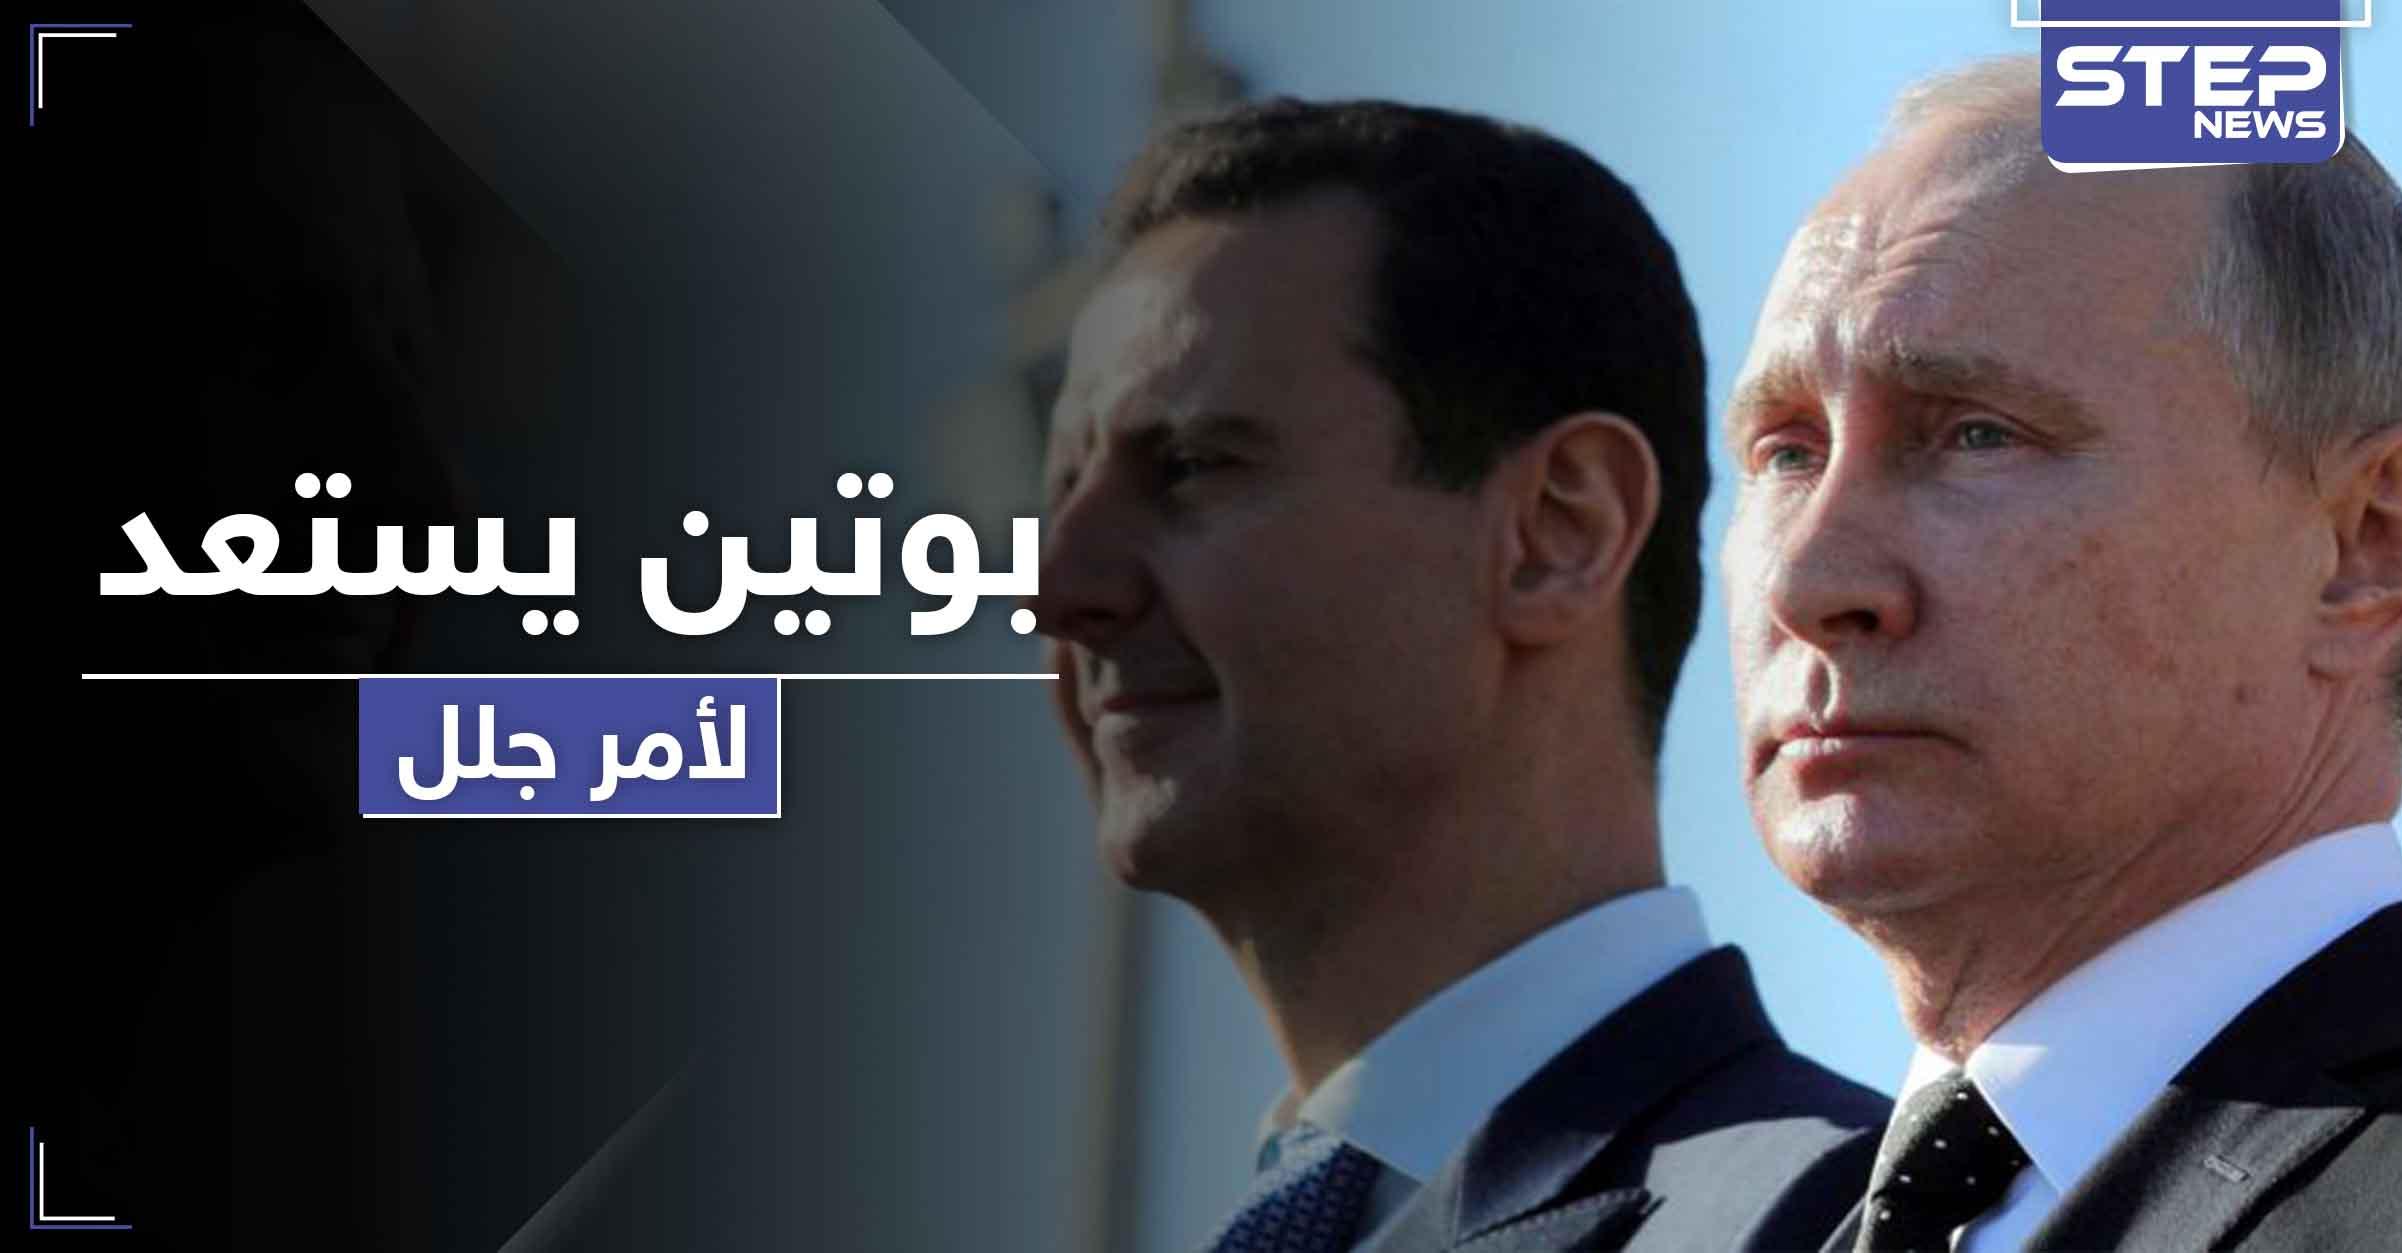 بوتين يستعد لأمر جلل سيحدث في سوريا.. وعضو اللجنة الدستورية يكشف التفاصيل